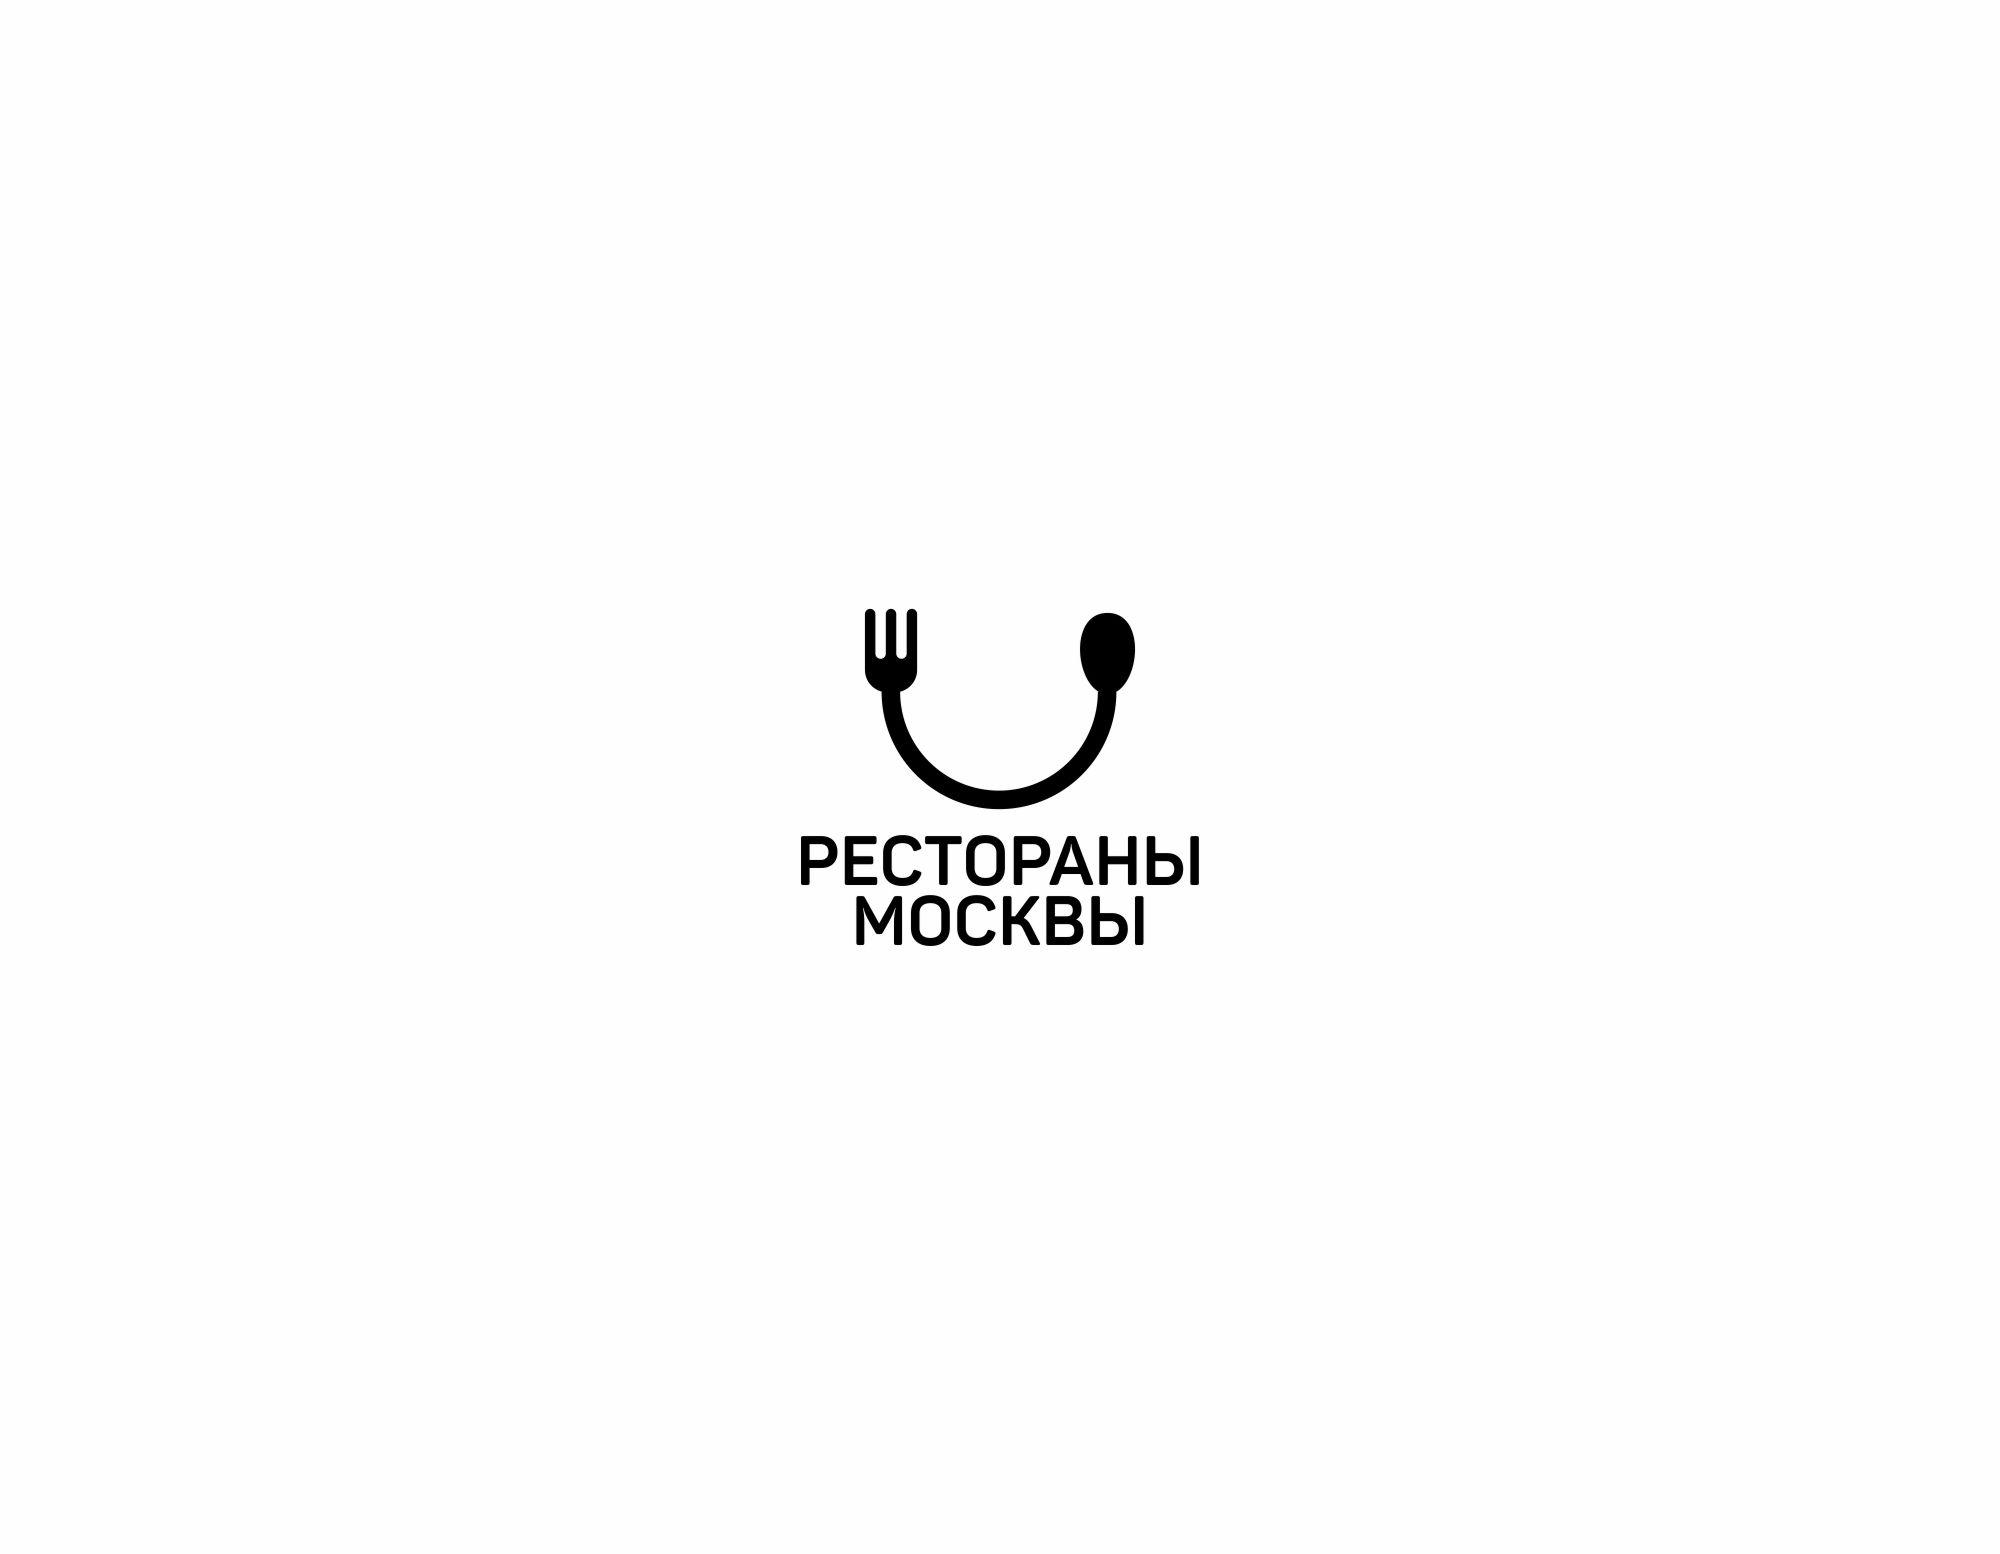 Логотип для Рестораны Москвы - дизайнер bilibob